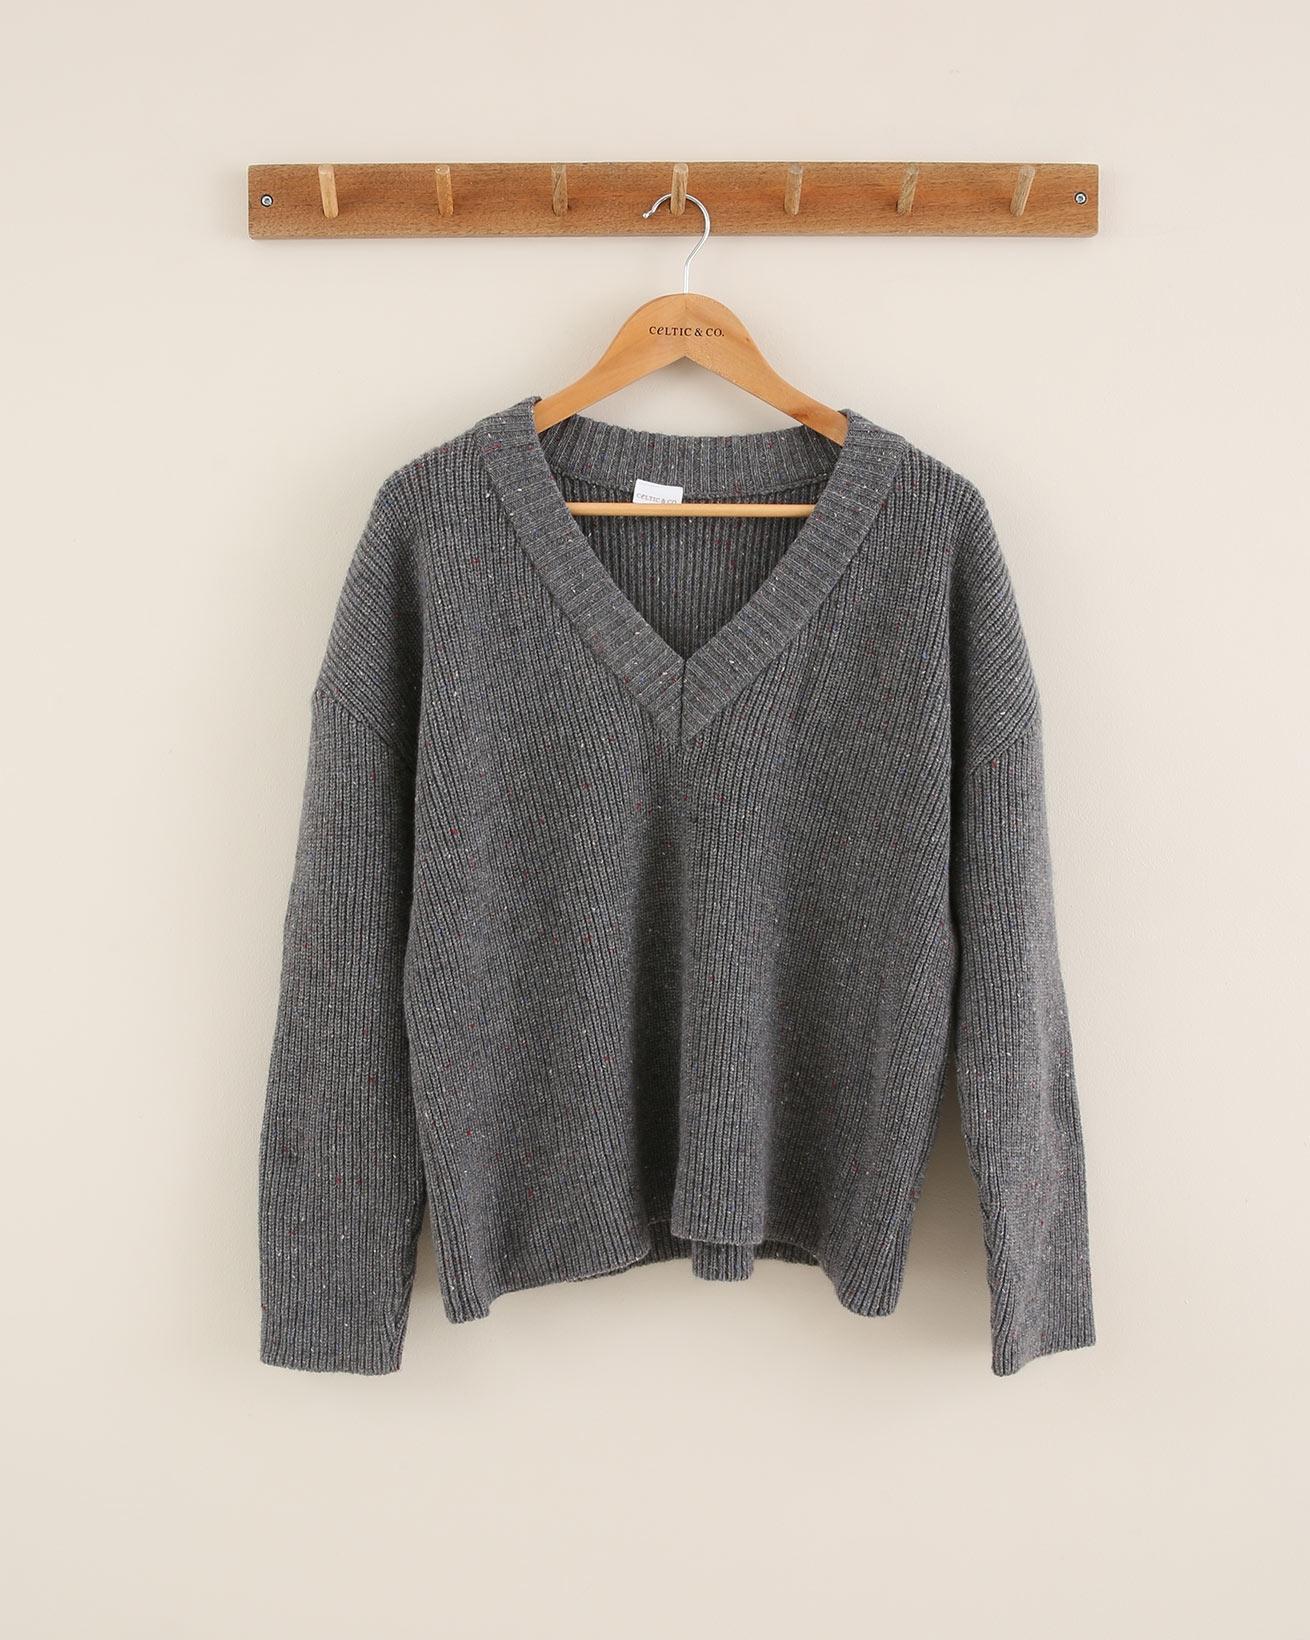 Knitted V Neck Jumper - Size Medium - Grey Mix - 1765